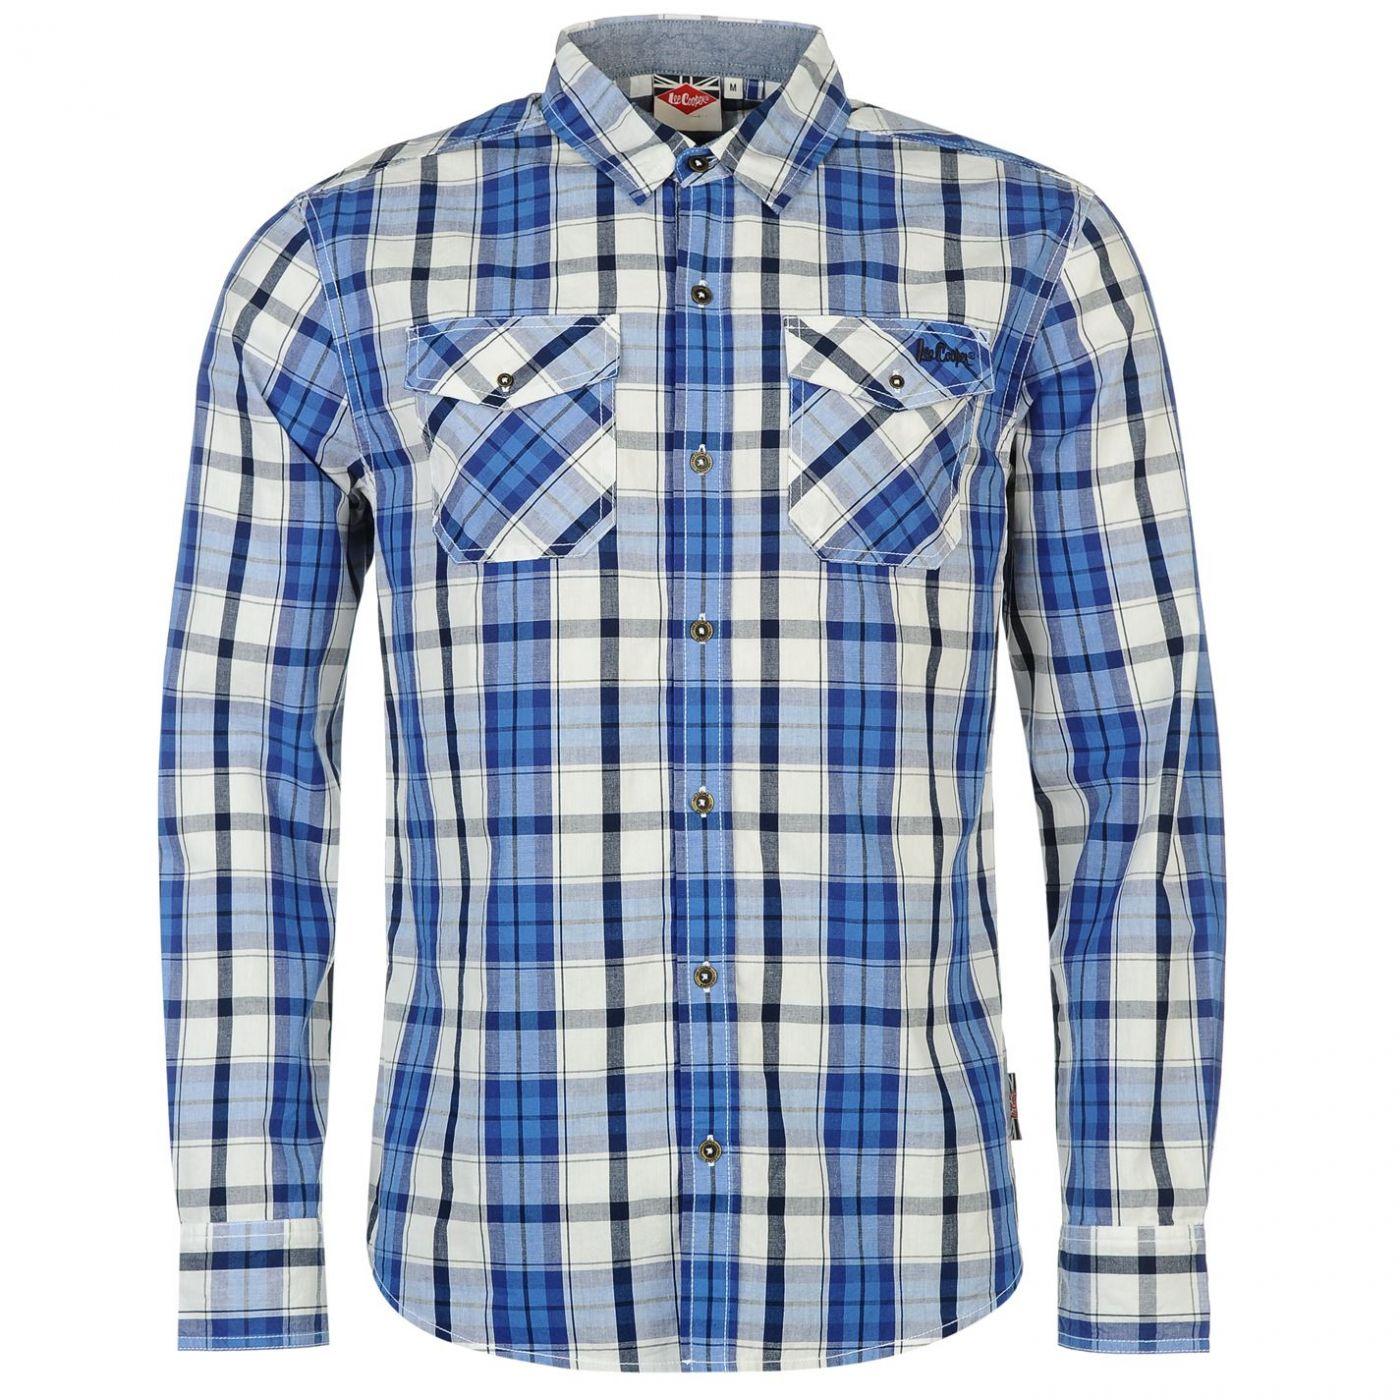 465f337a2ec0b Lee Cooper Long Sleeve Check Shirt pánské - FACTCOOL